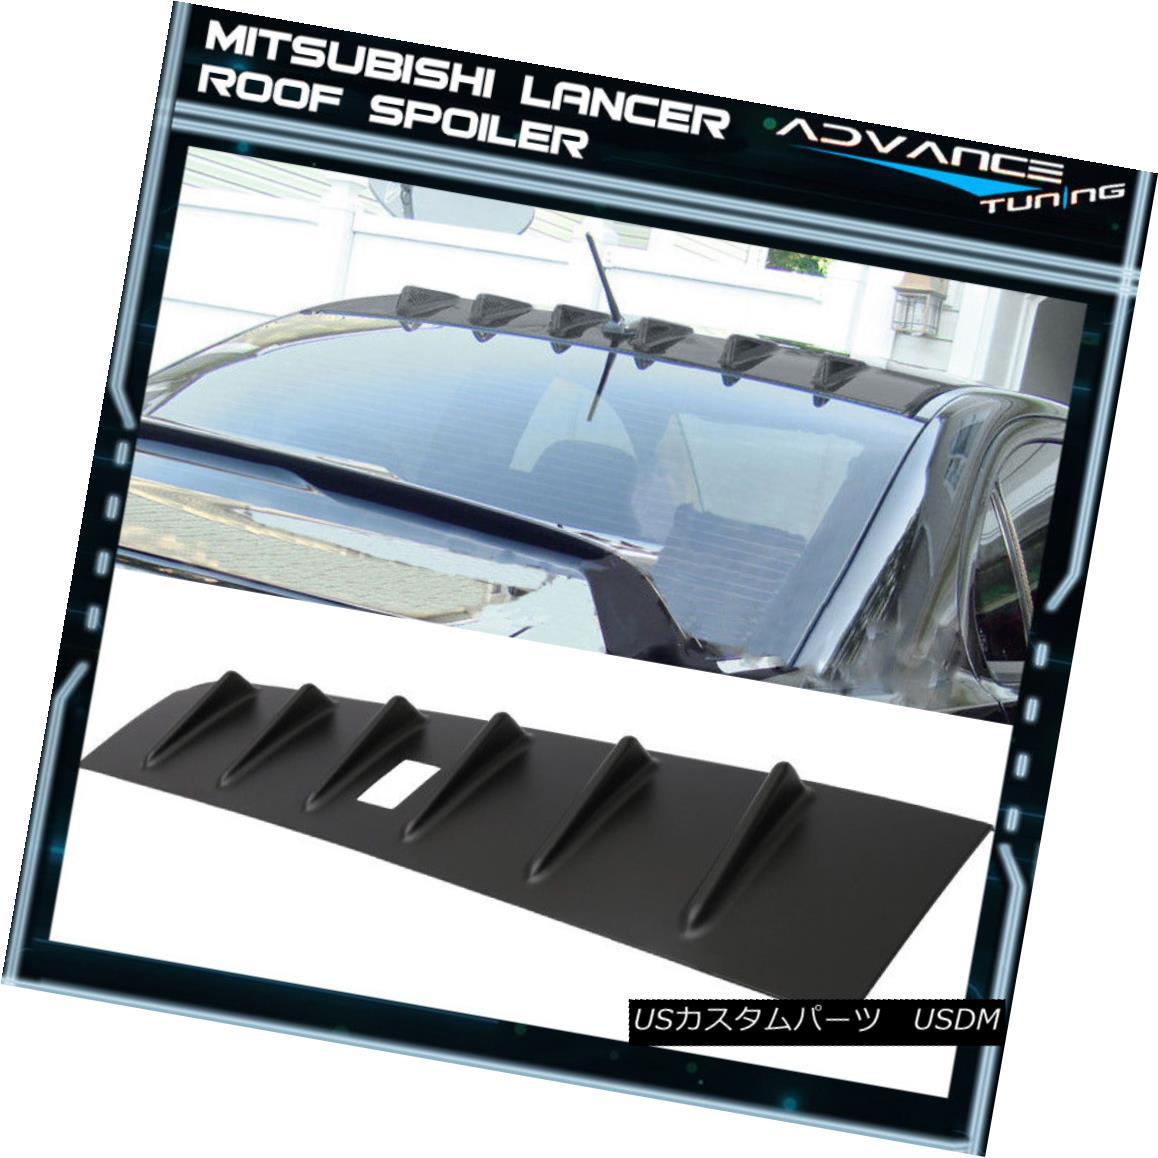 エアロパーツ For 08-16 Mitsubishi Lancer EVO X ABS Rear Roof Vortex Shark FIN Spoiler Wing 08-16三菱ランサーEVO X ABSリアルーフボルテックスシャークFINスポイラーウイング